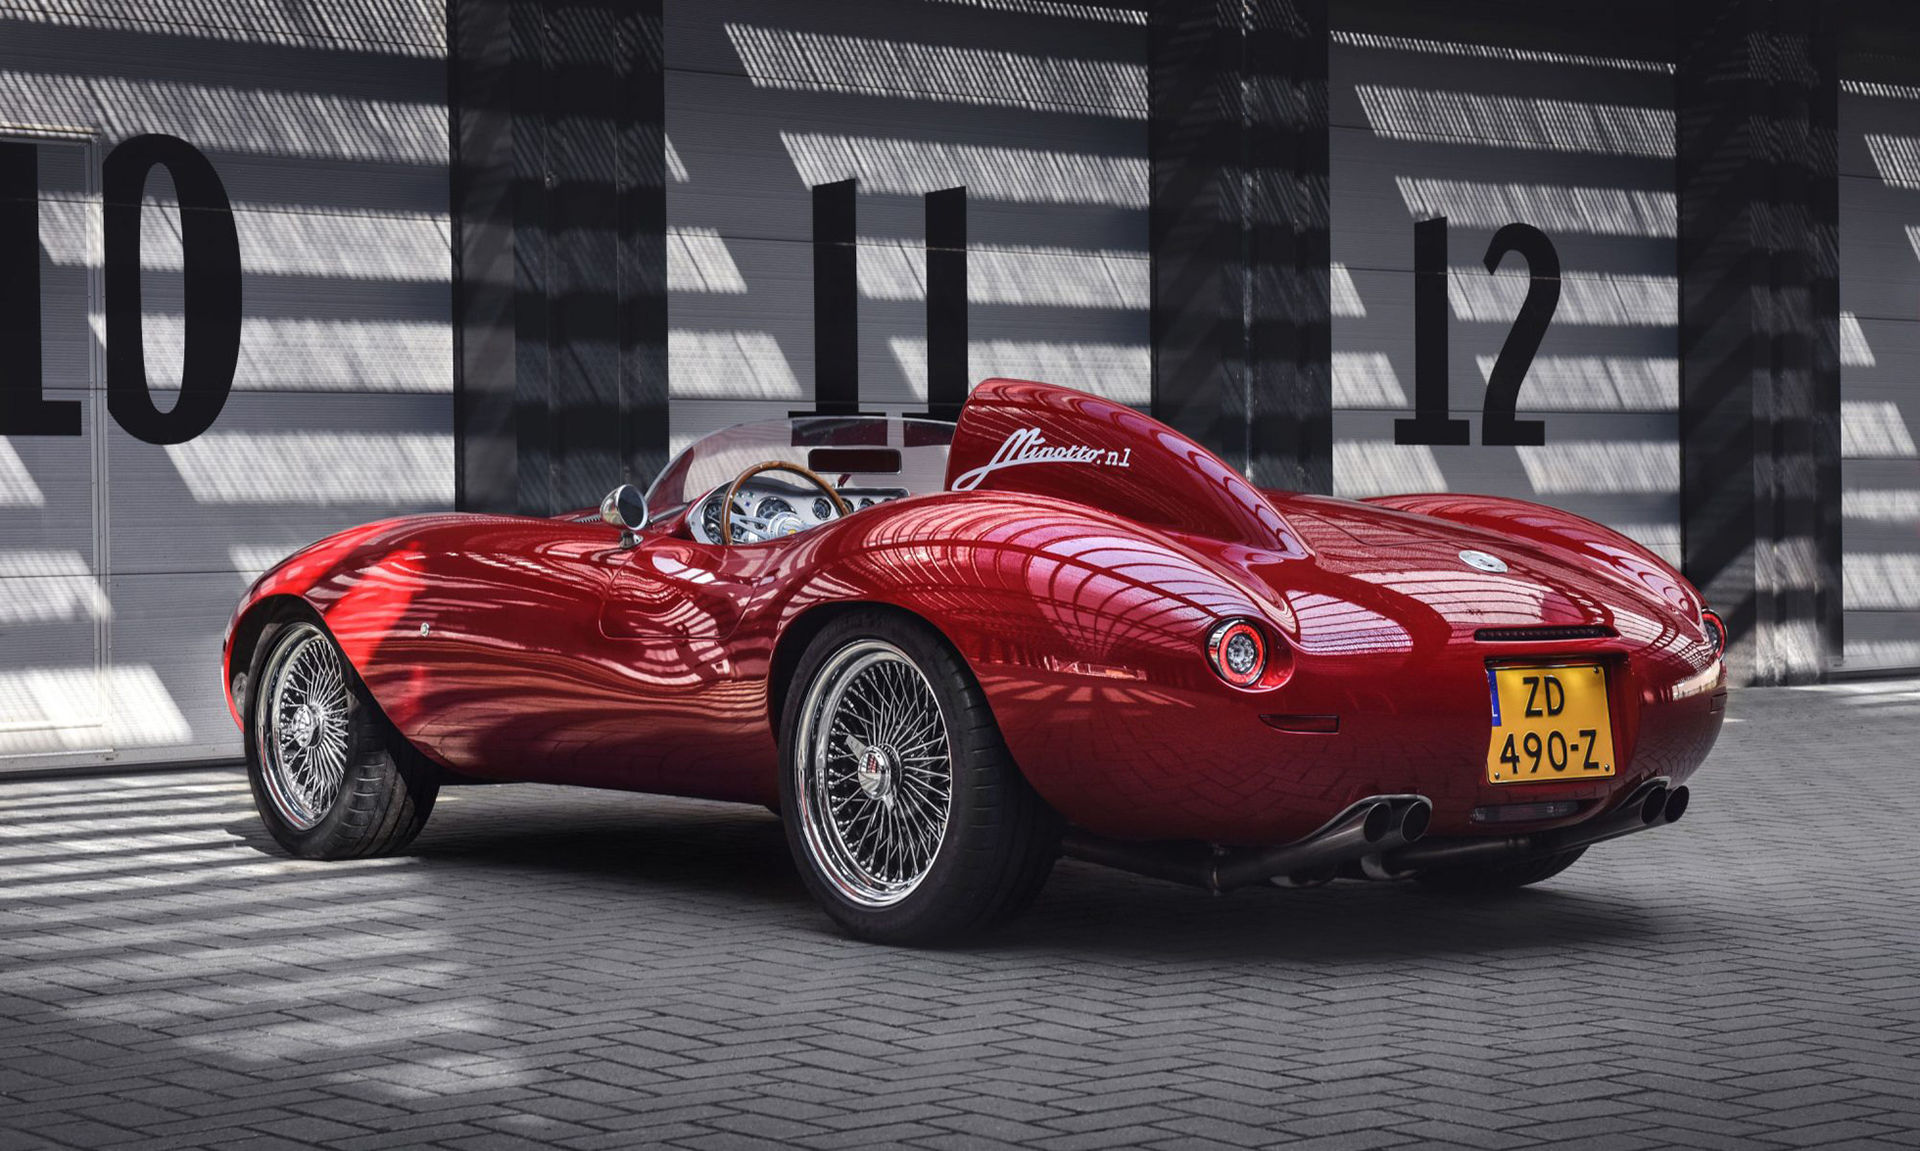 Minotto Barchetta med Ferrari-V12:a under det vackra skalet